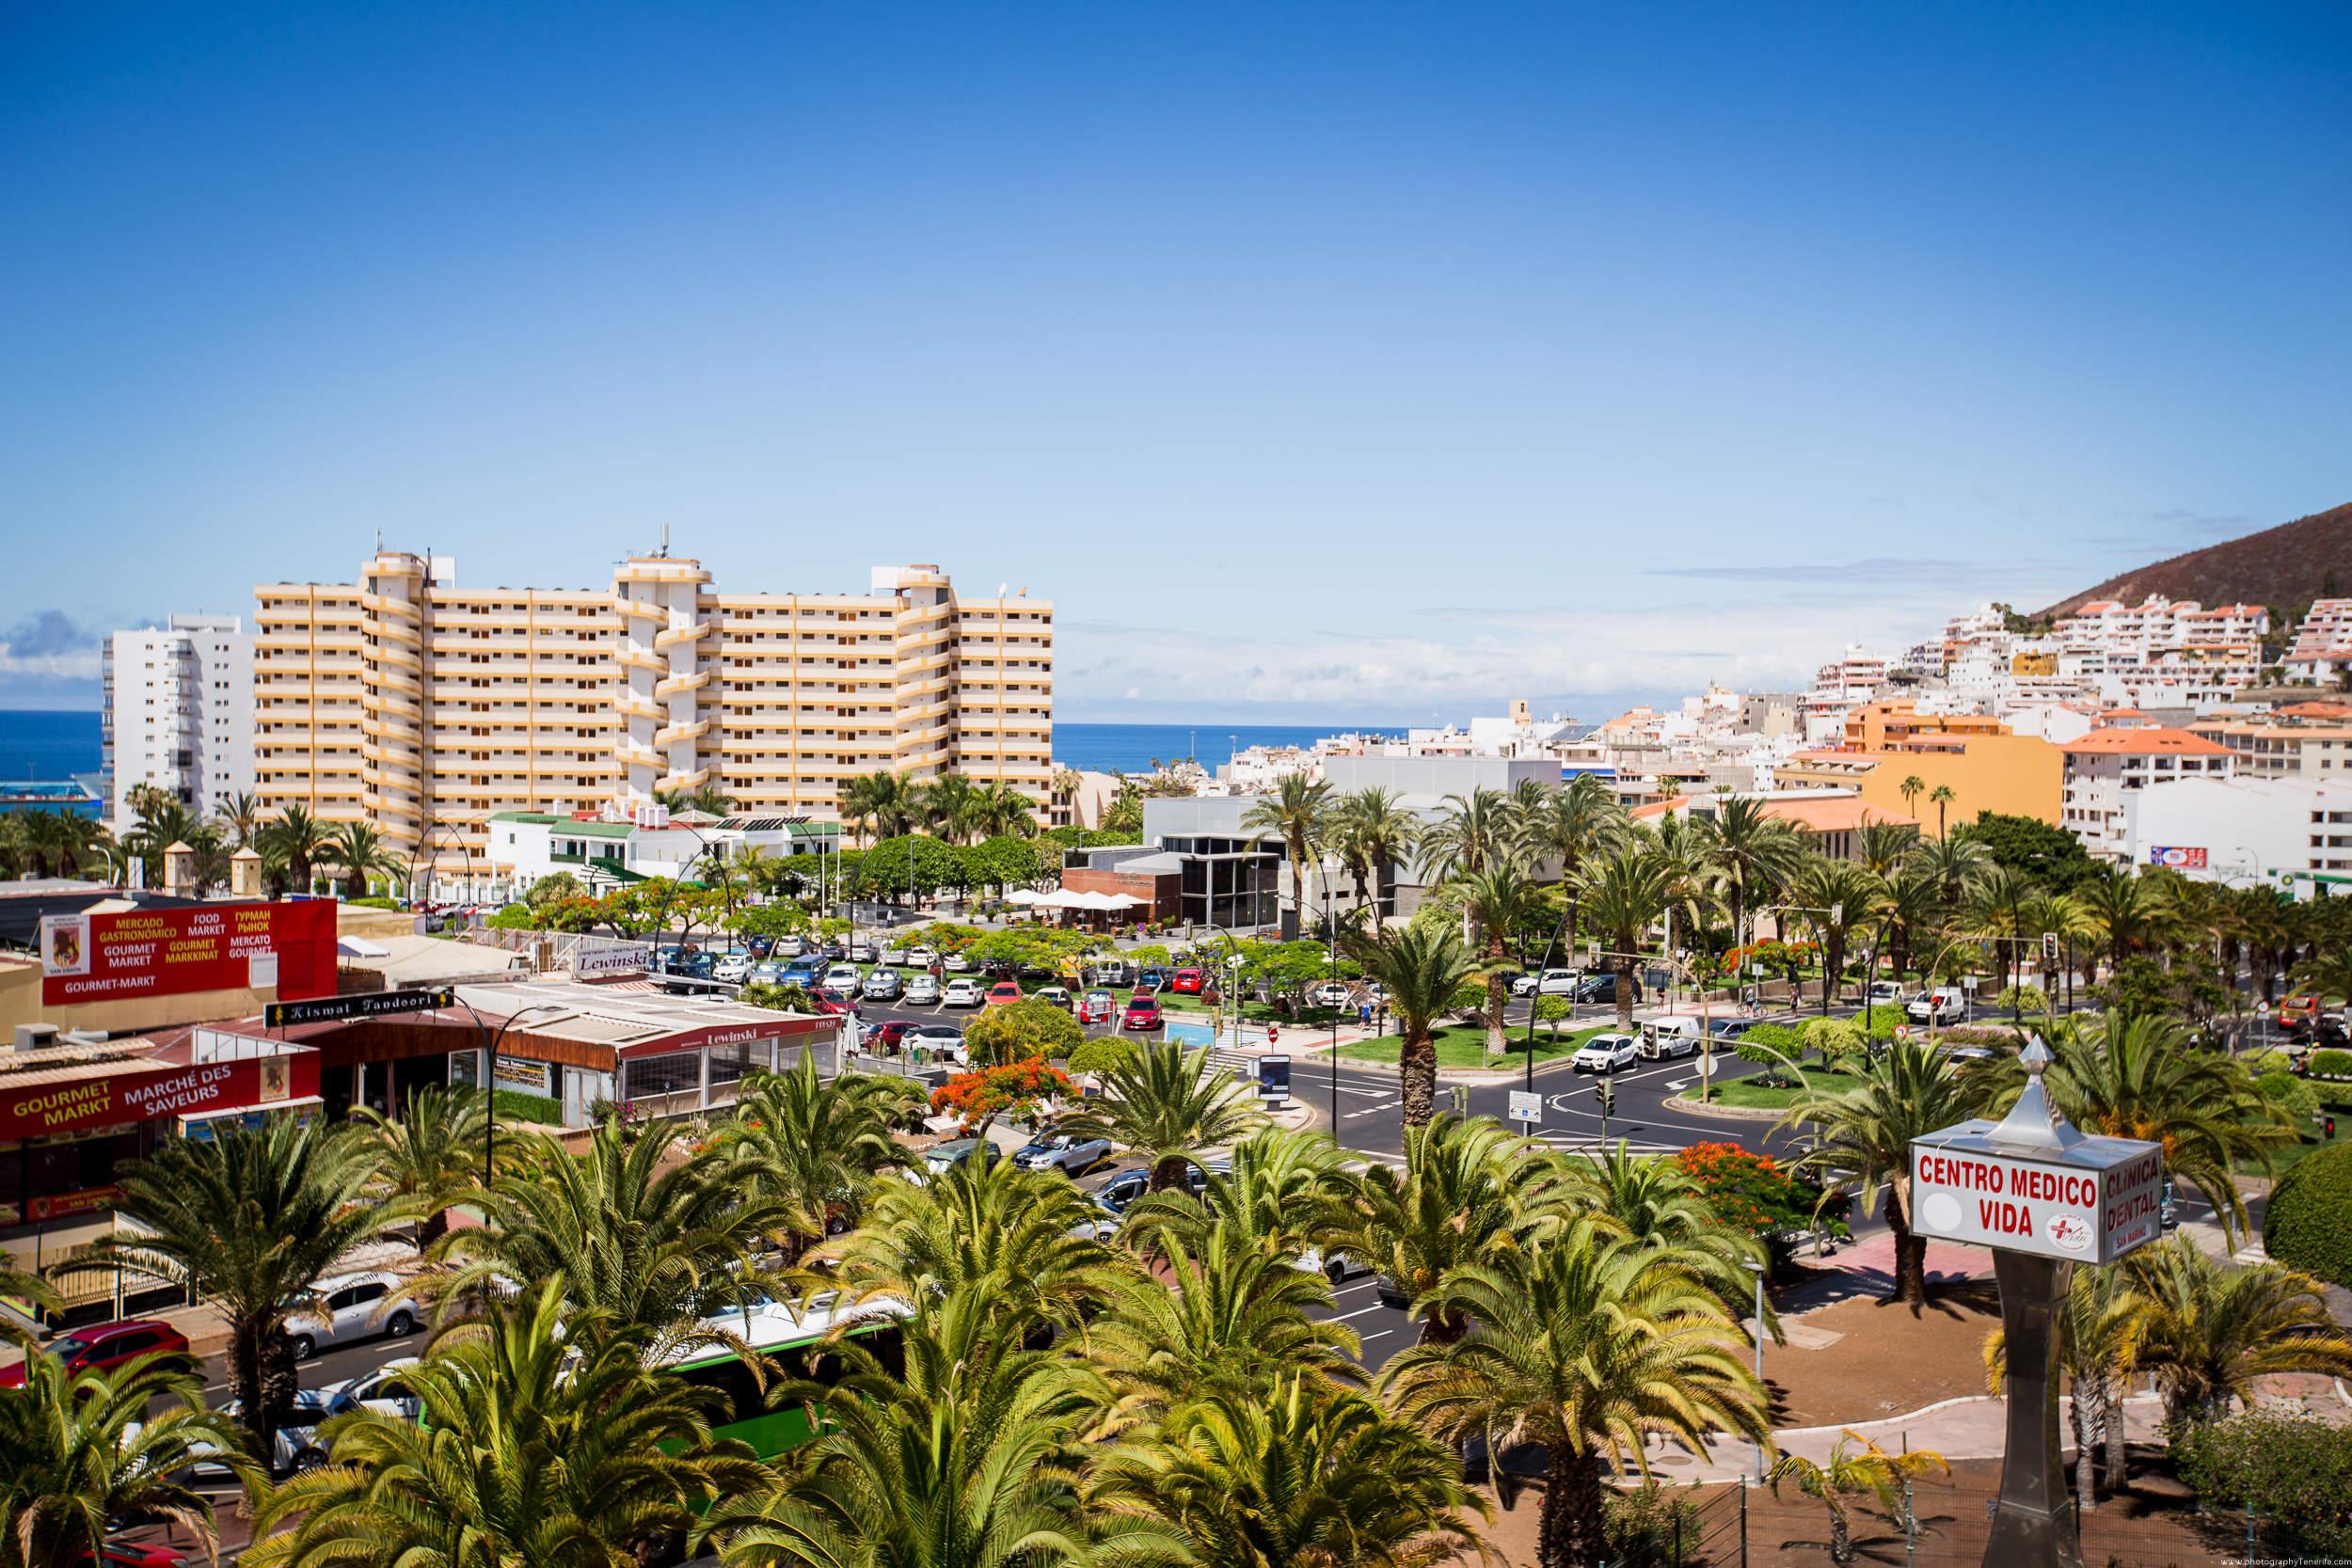 apartamento san marino los cristianos Tenerife Vacances 2020